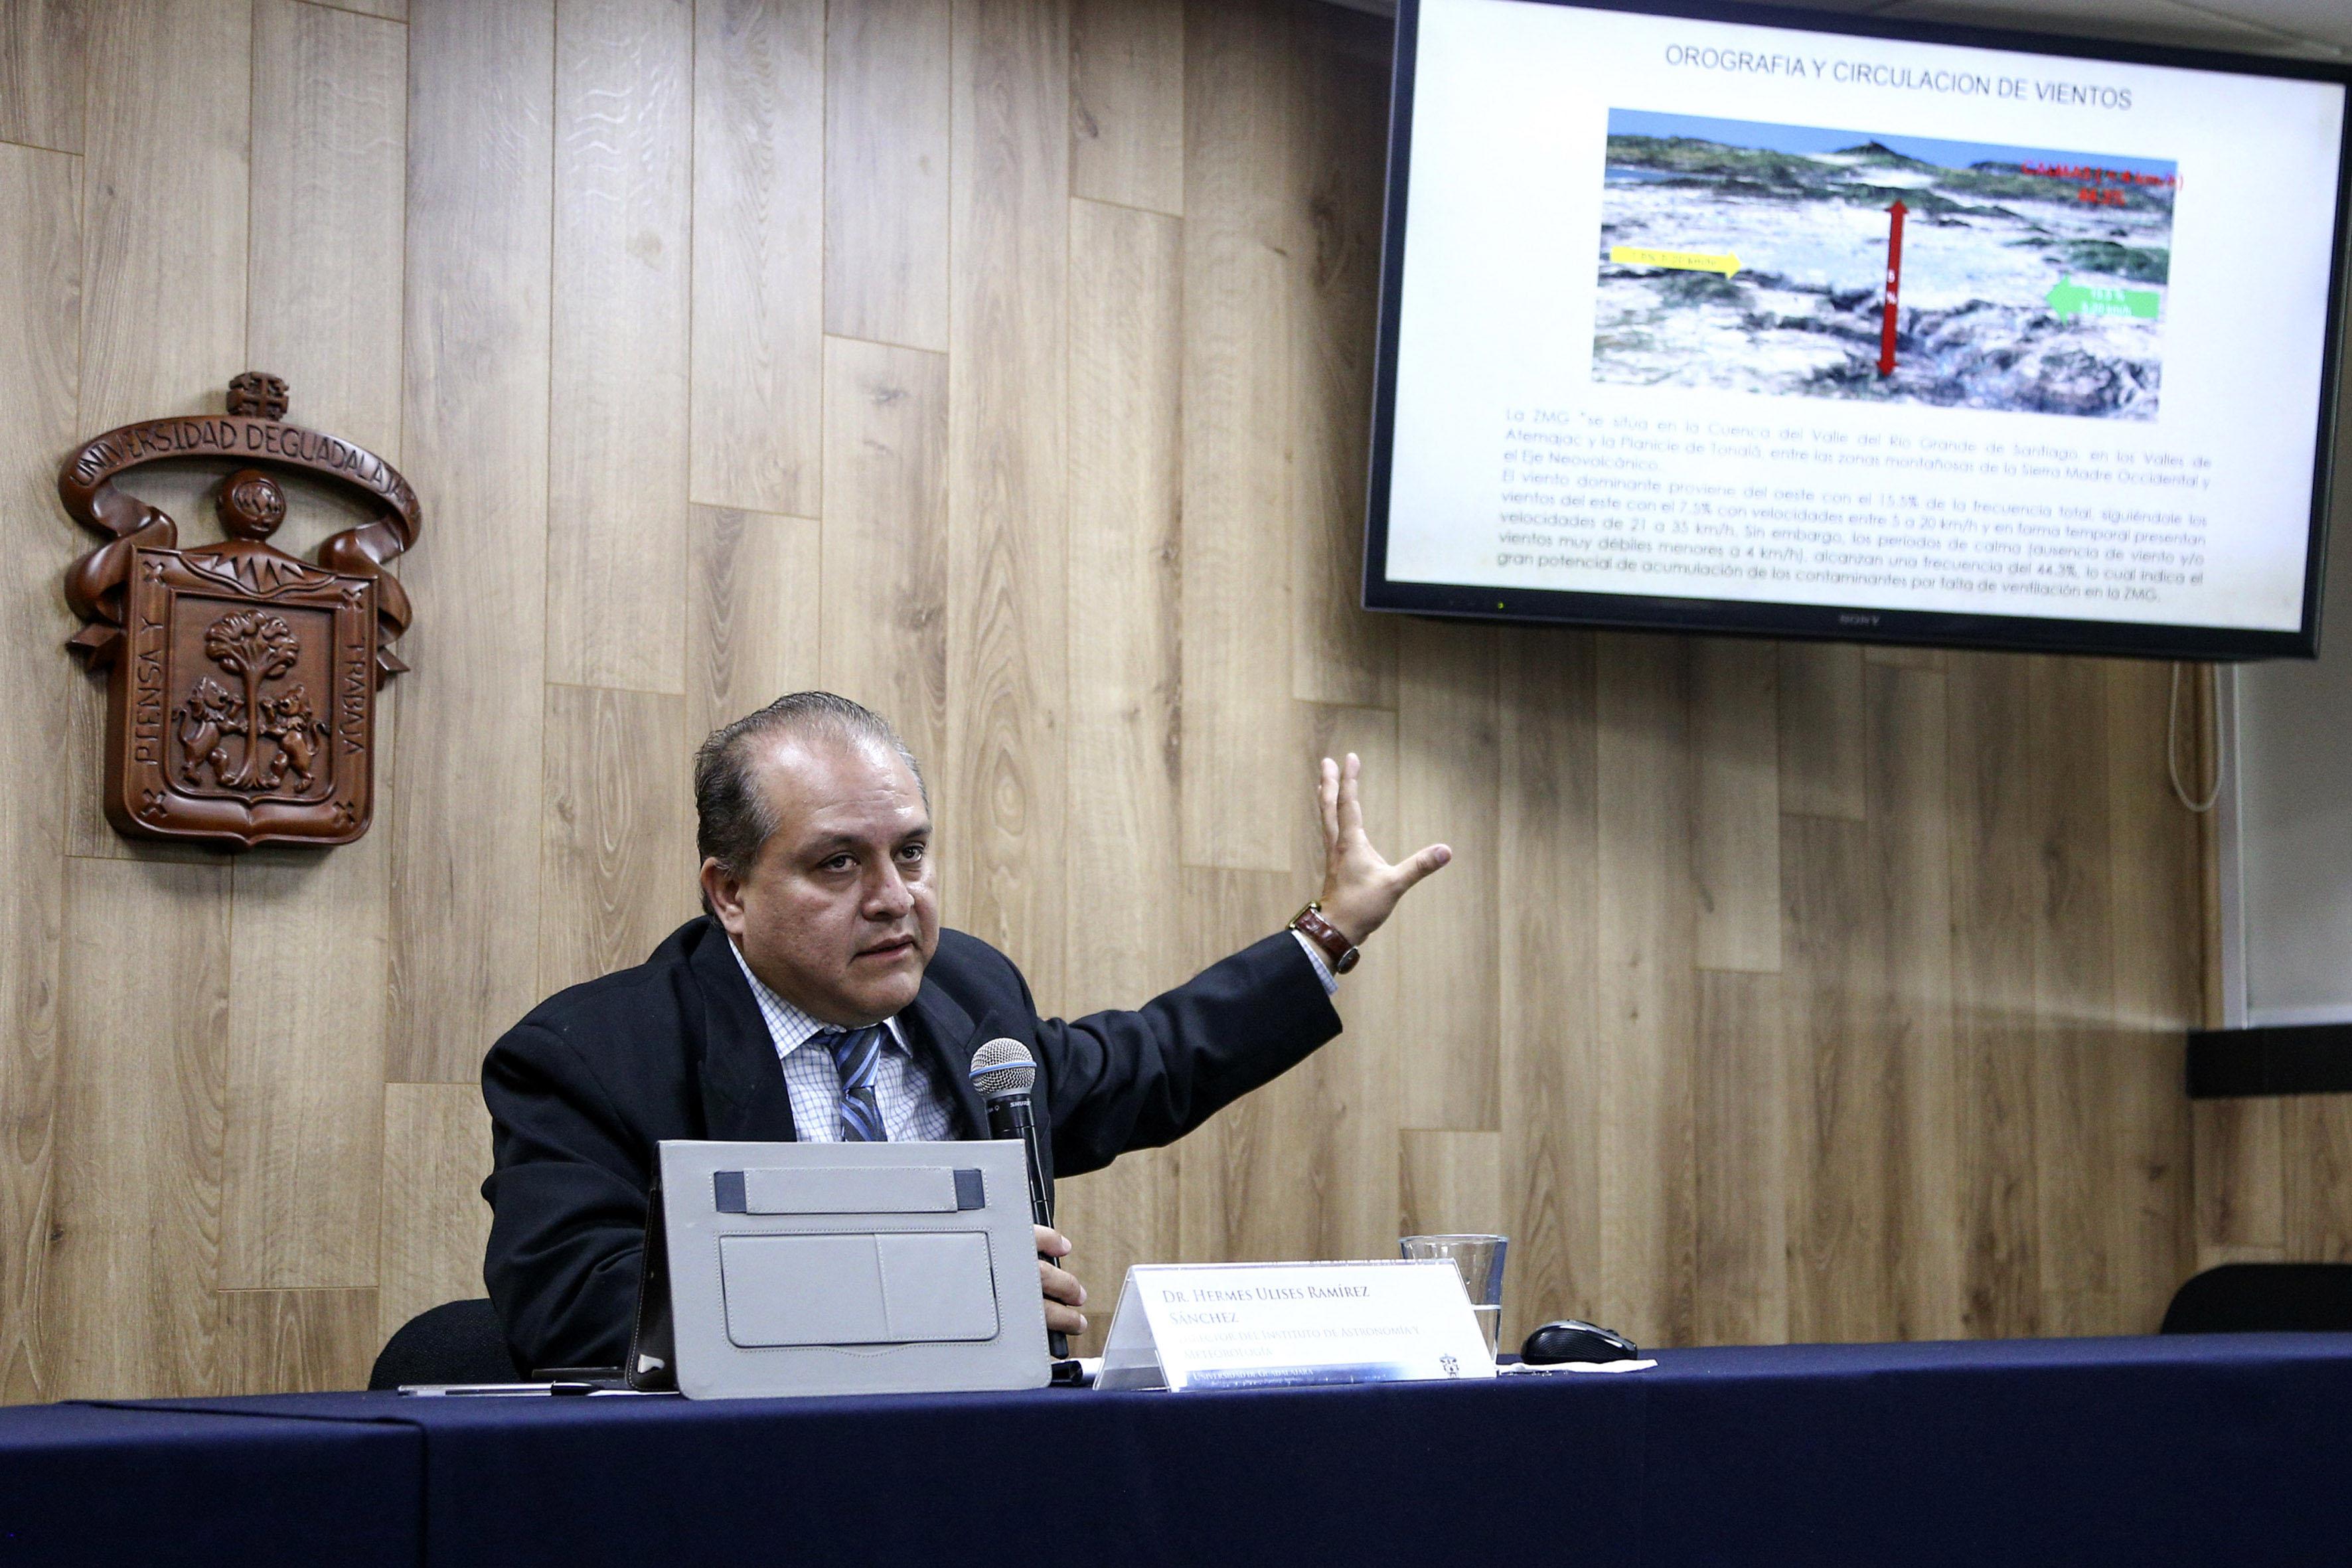 Director del Instituto de Astronomía y Meteorología (IAM), doctor Hermes Ulises Ramírez Sánchez, haciendo uso de la palabra